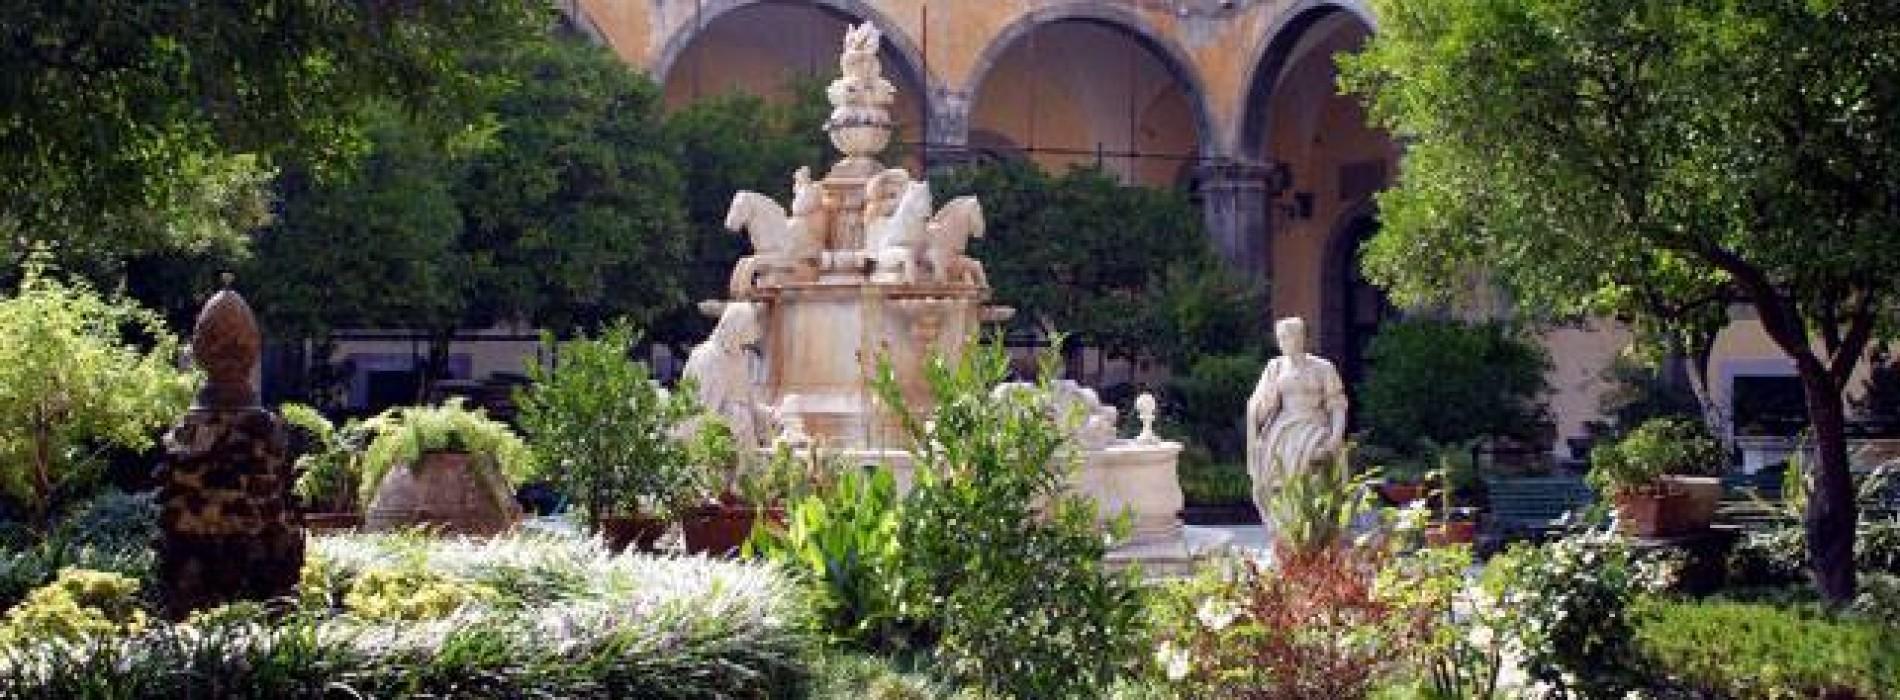 Il chiostro di San Gregorio Armeno